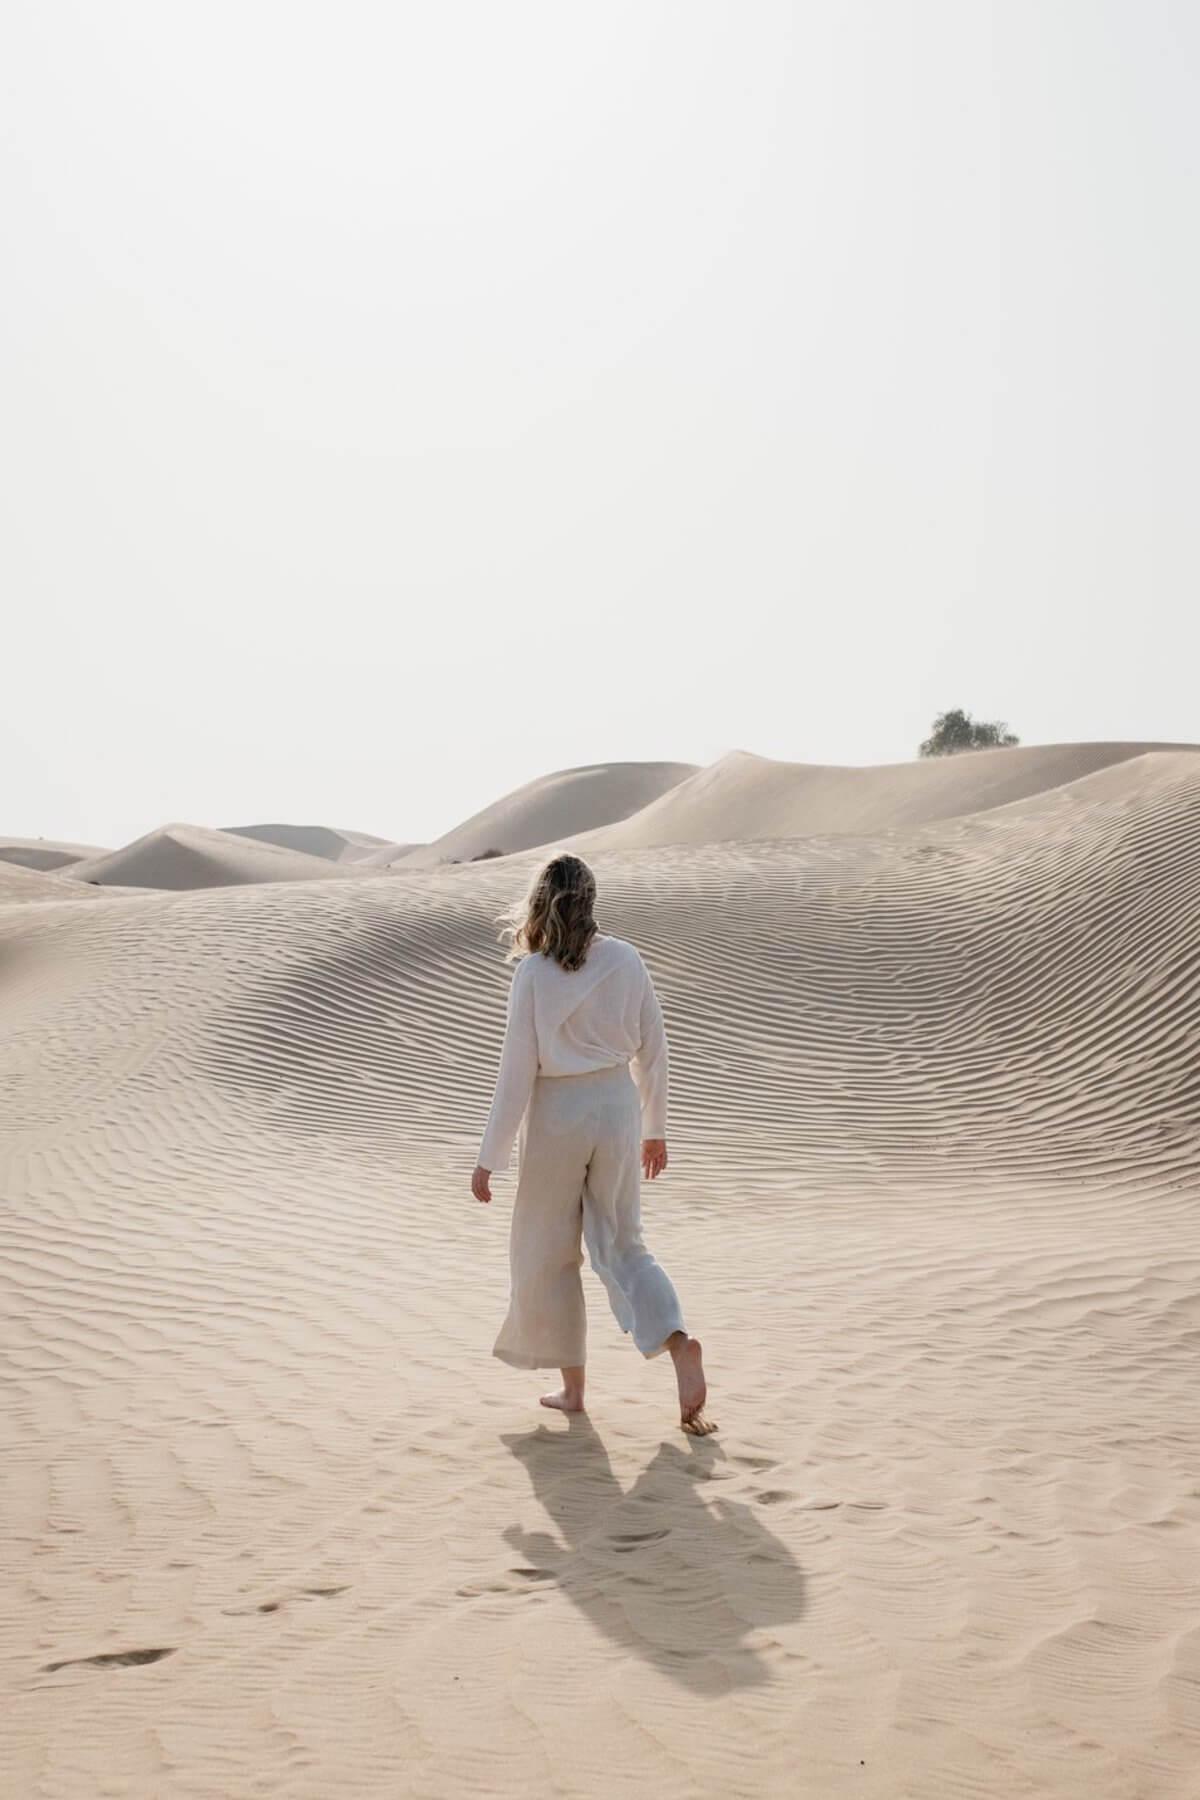 Solo female traveller international women's day Dubai